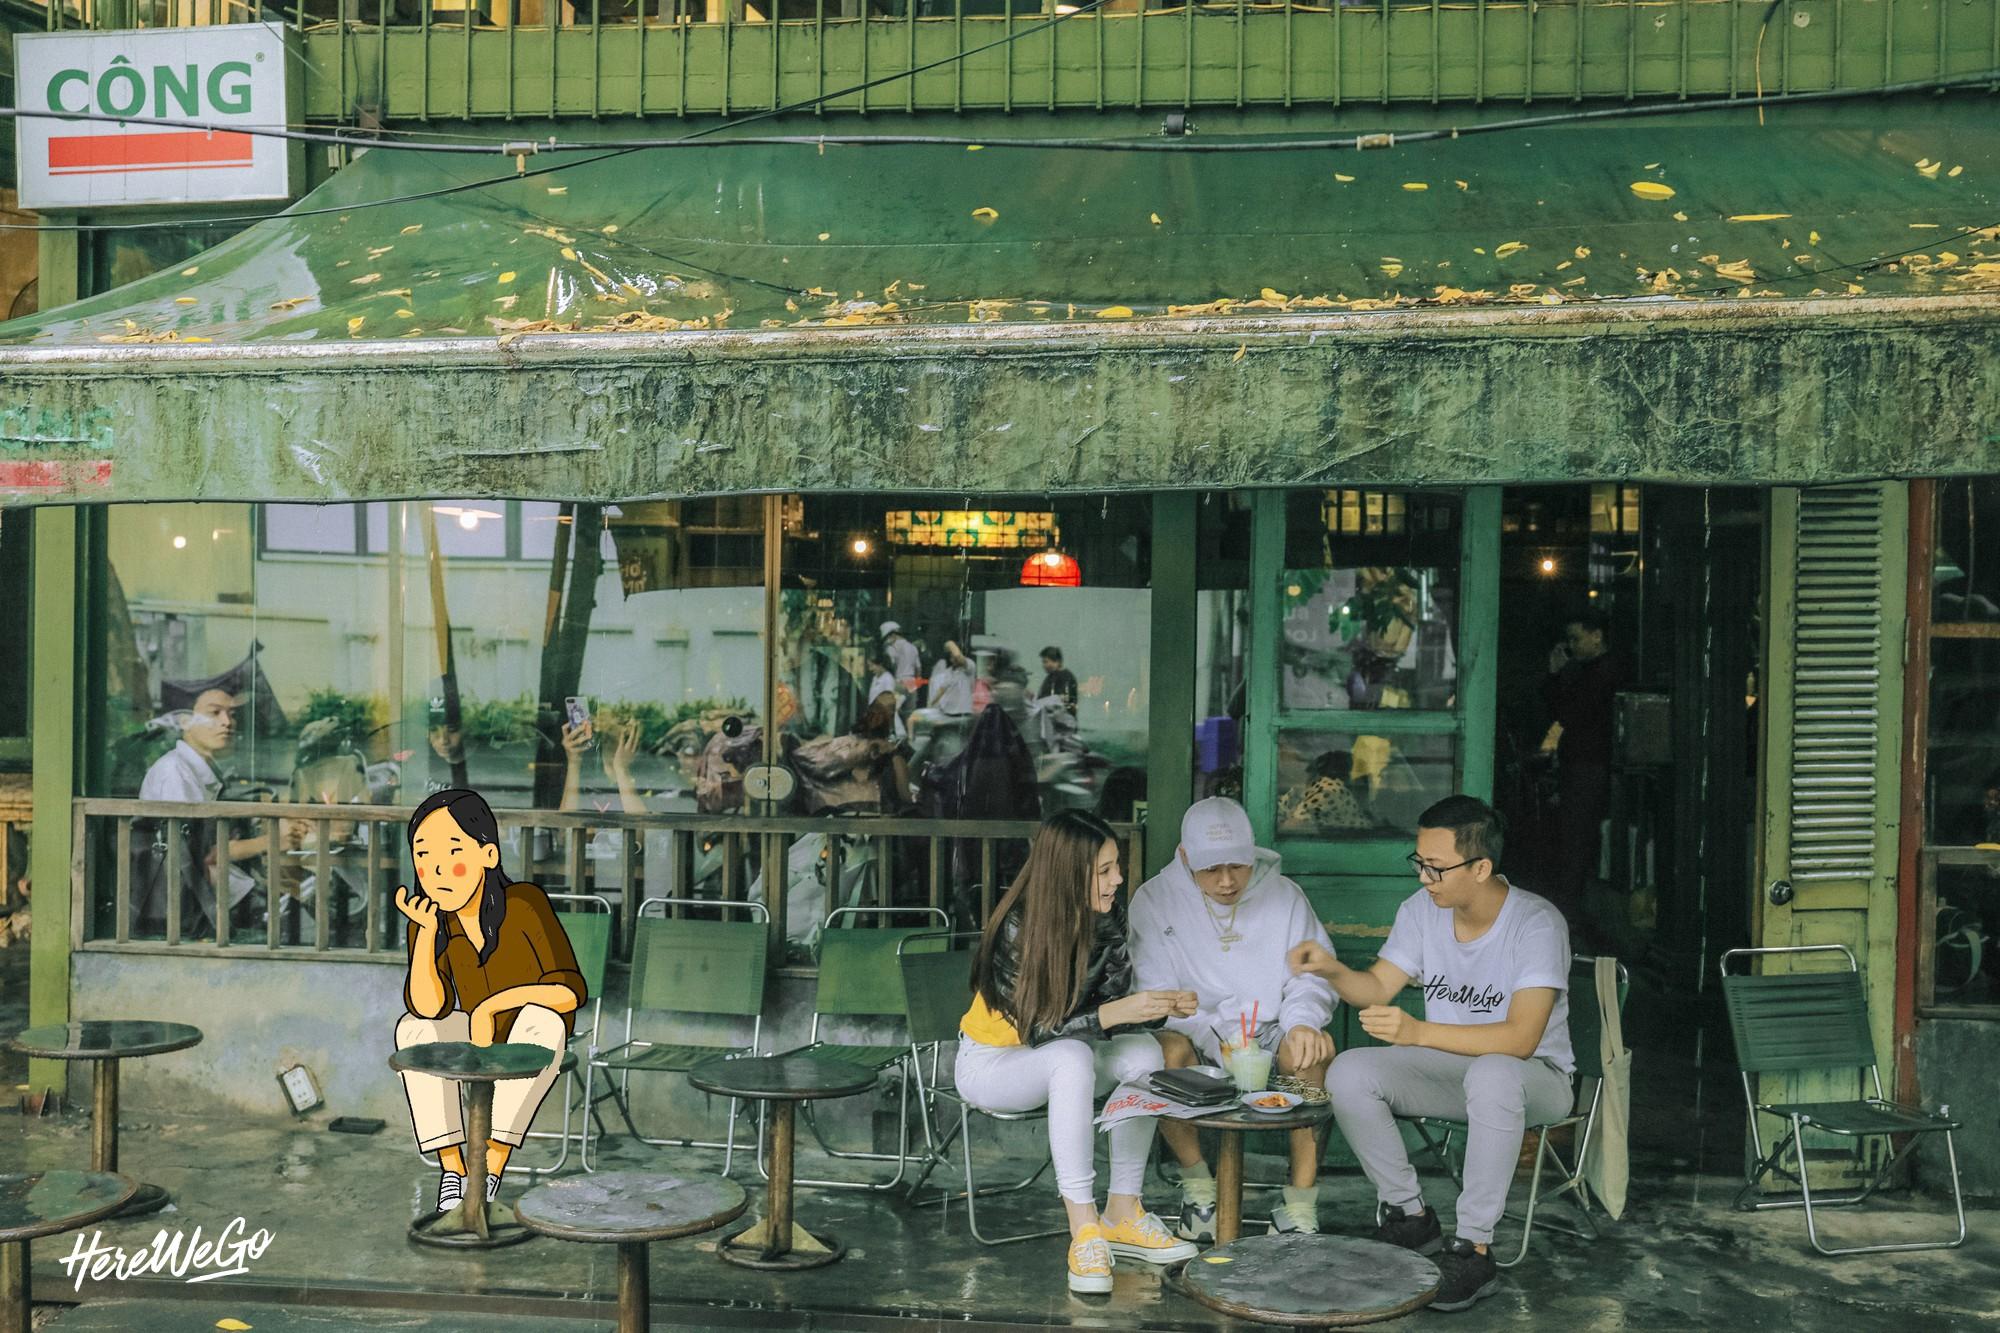 Bất ngờ trước những khung hình mùa thu Hà Nội - Ninh Bình đẹp và trong trẻo như thời thơ ấu của Jolie Nguyễn và các bạn đồng hành - Ảnh 9.